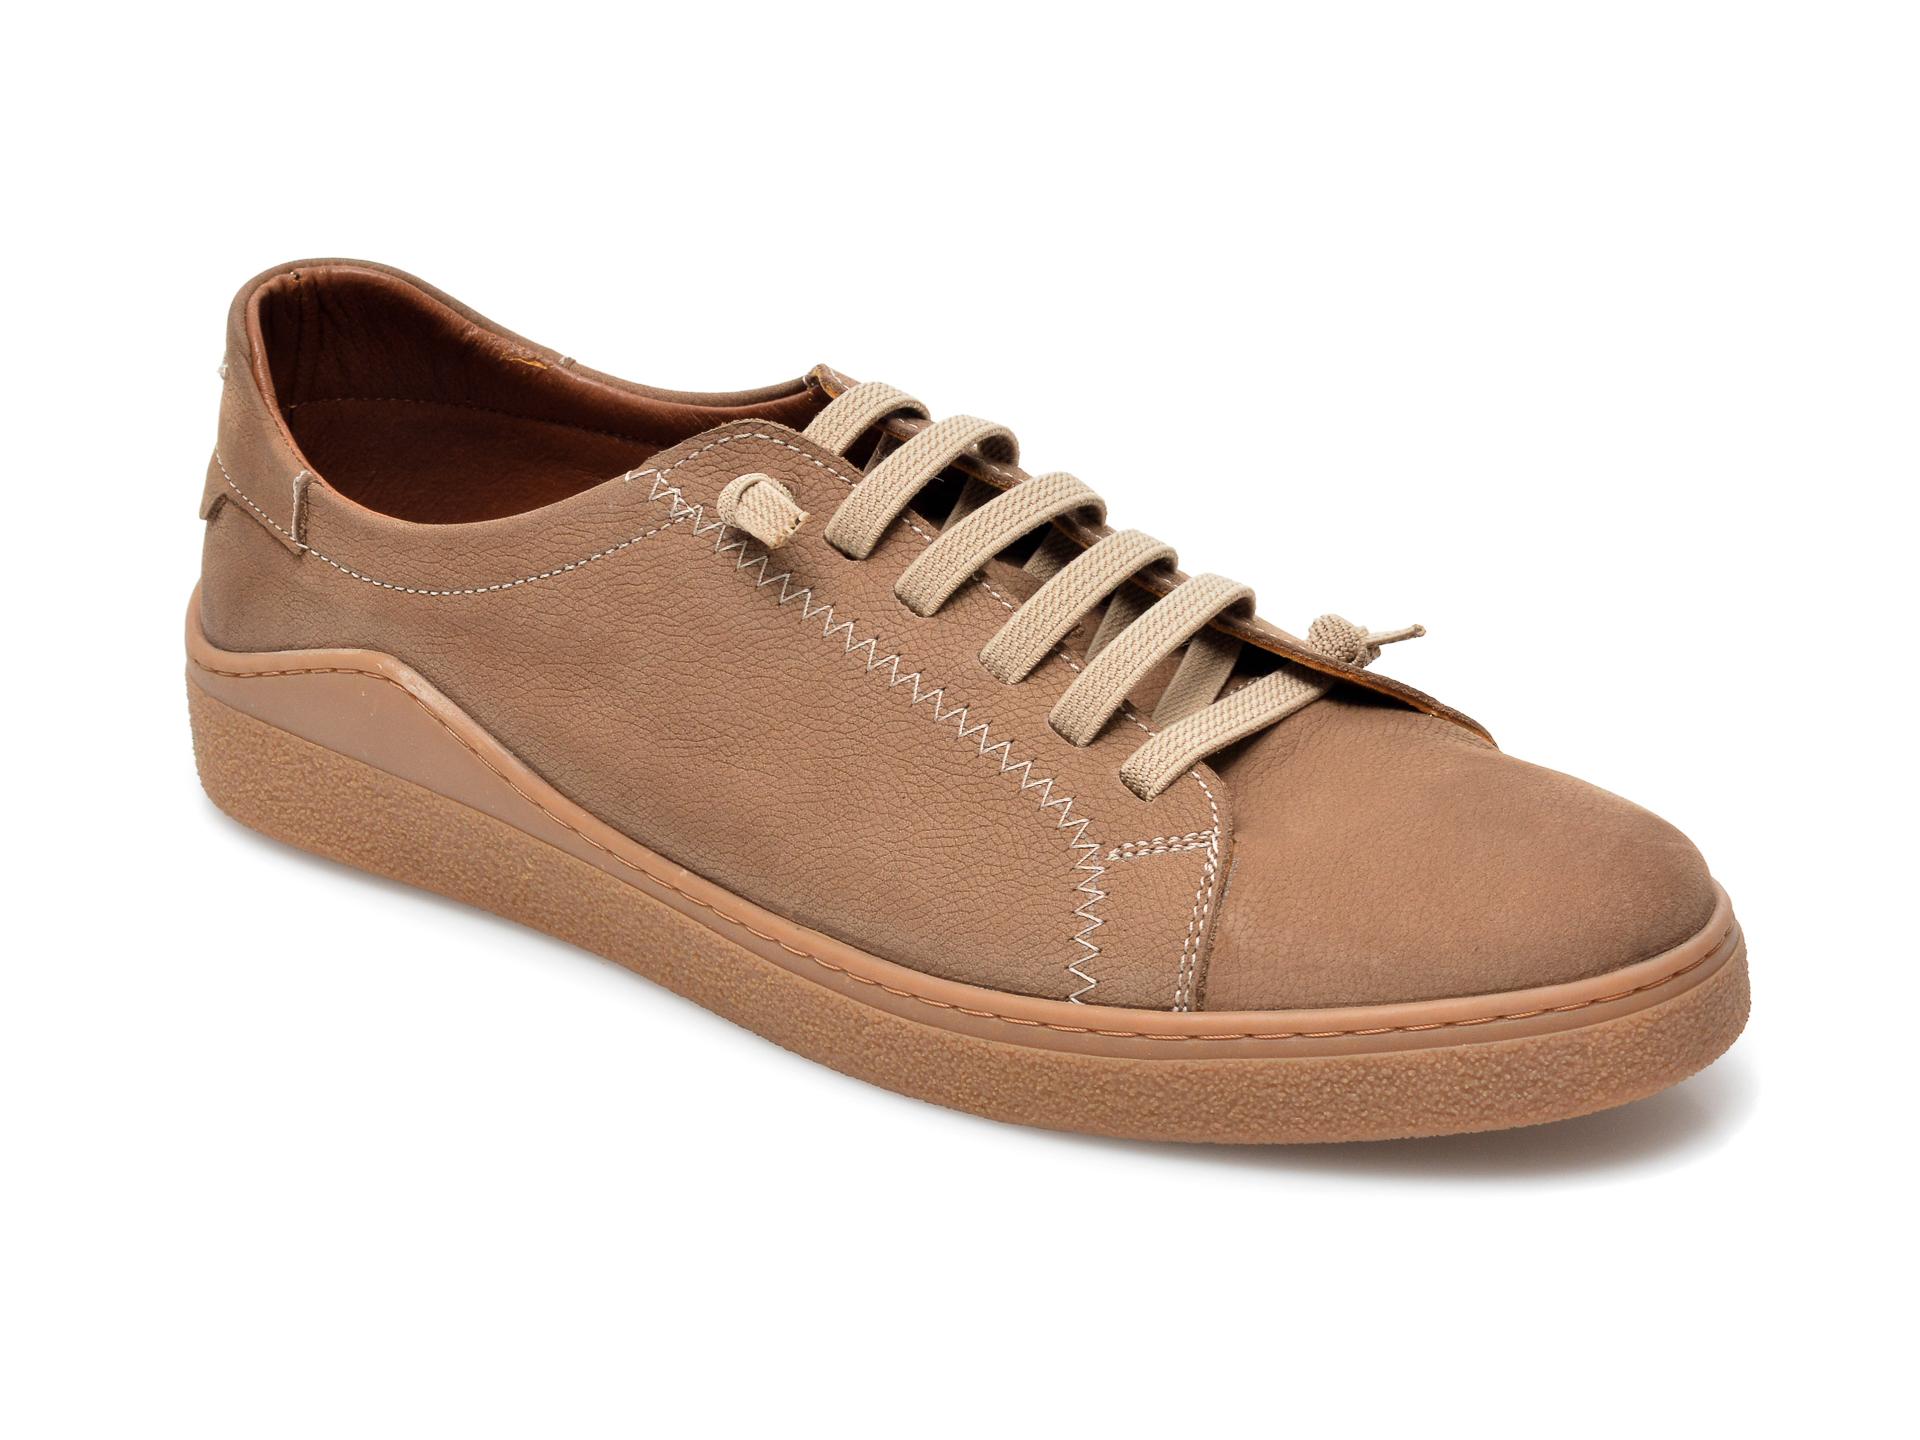 Pantofi OTTER maro, M5607, din nabuc imagine otter.ro